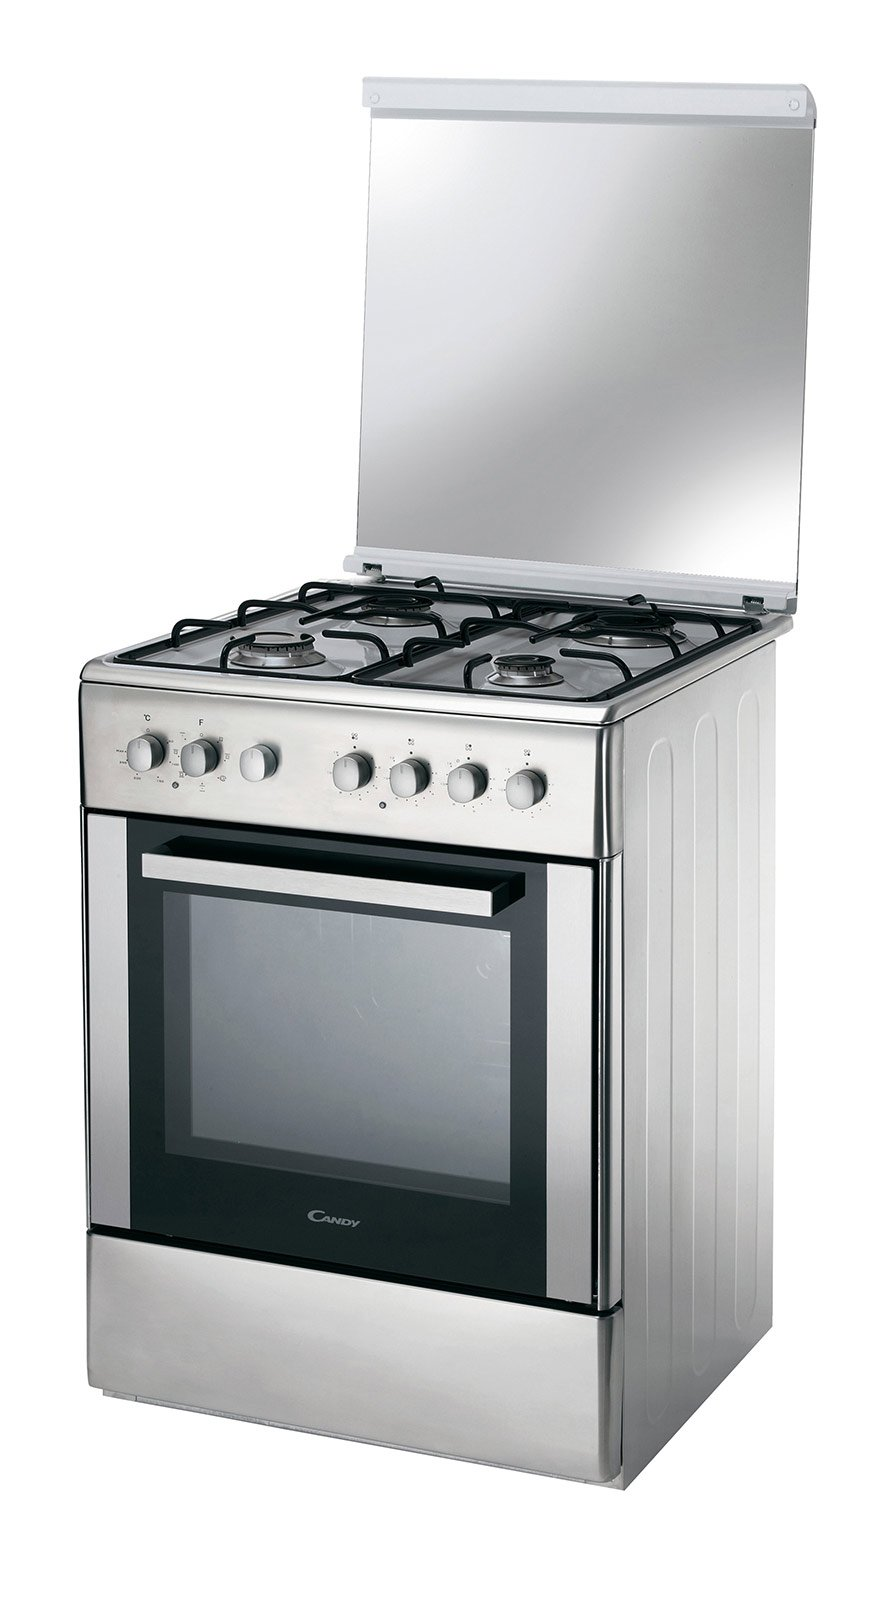 Cucine a gas con forno elettrico ariston tovaglioli di carta - Ariston cucine a gas ...